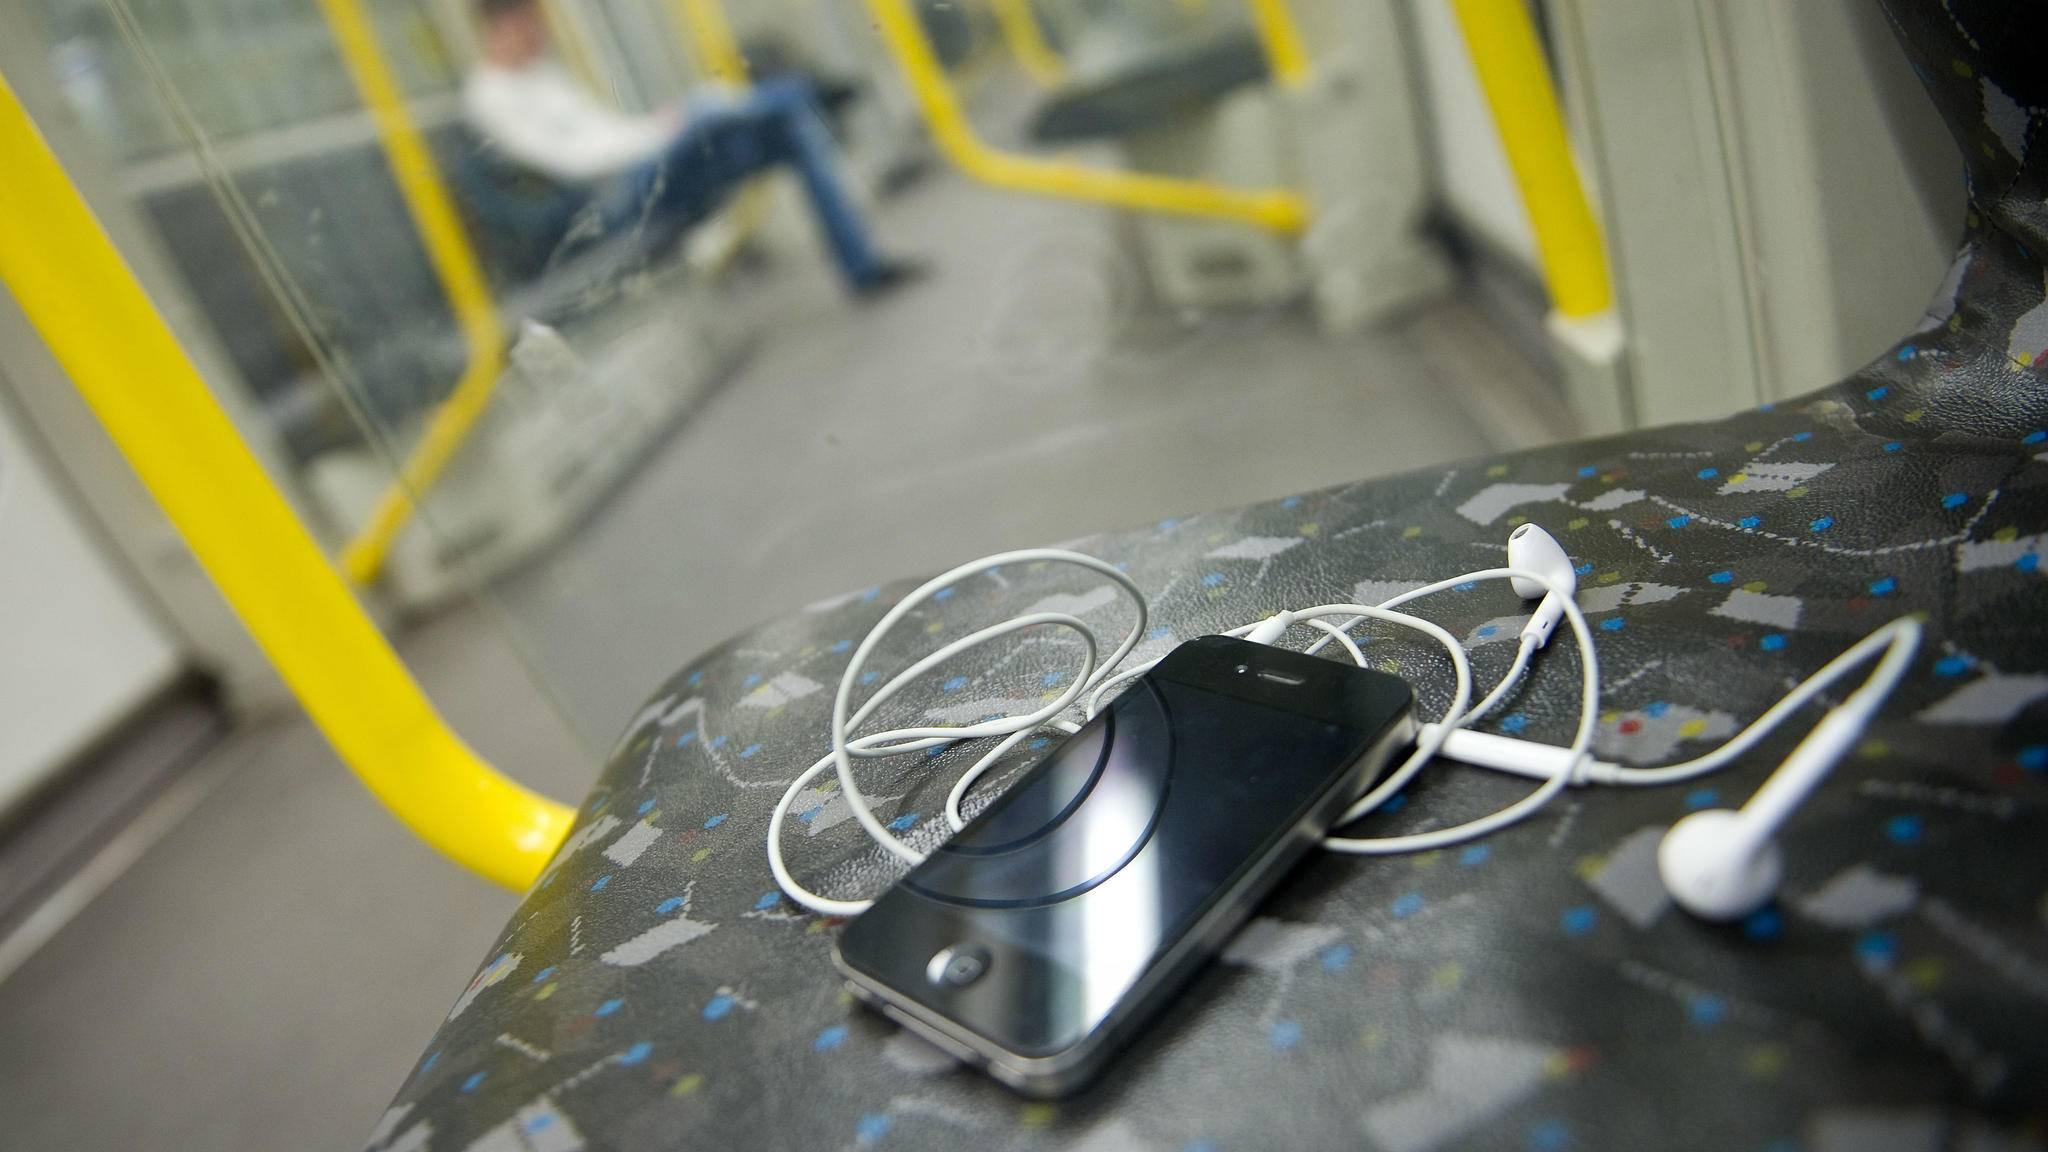 Ein Moment der Unachtsamkeit reicht schon, um das teure iPhone aus Versehen liegen zu lassen.